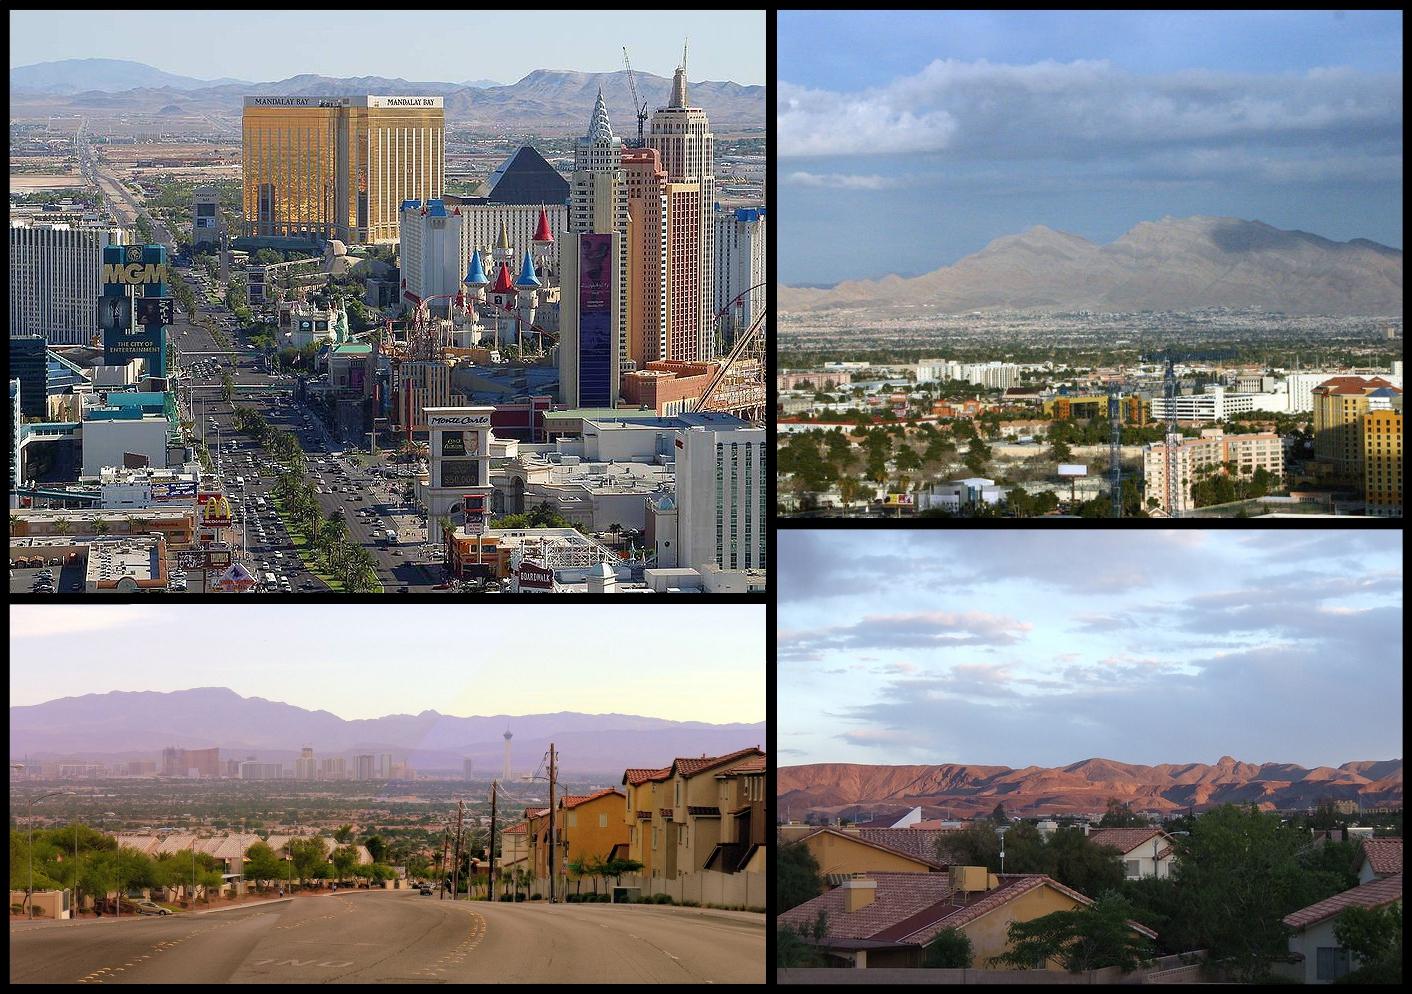 Solamente Peter, en Las Vegas Peter es detenido por robo